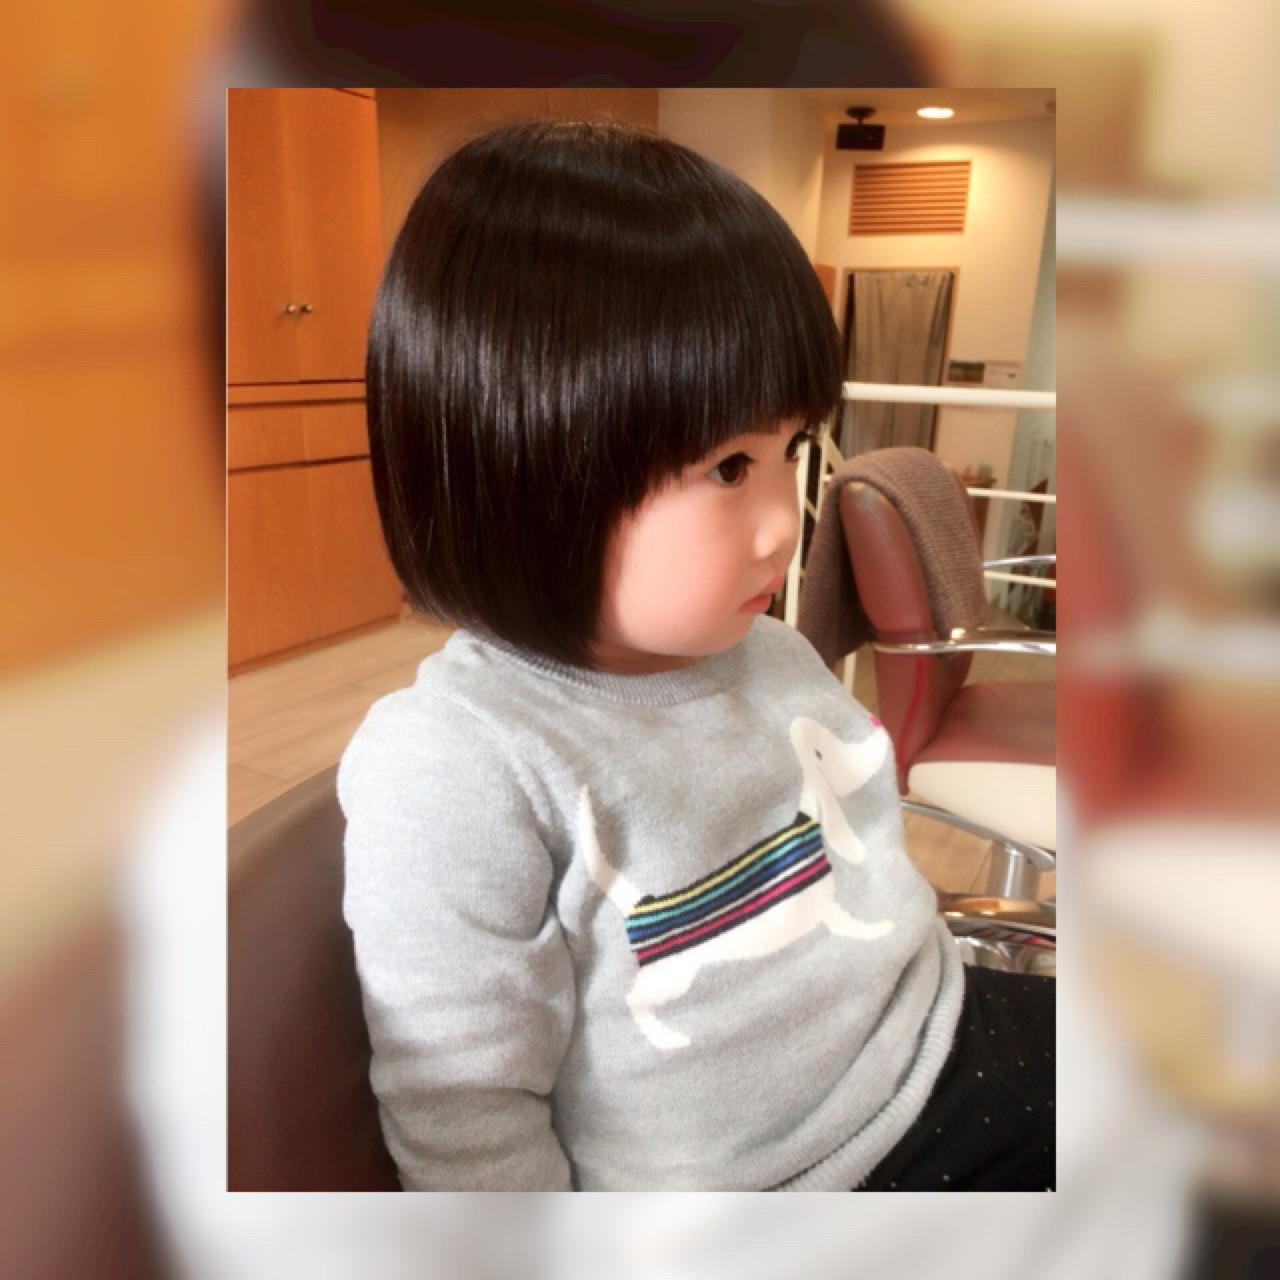 黒髪 ショートボブ ショート 子供 ヘアスタイルや髪型の写真・画像 | 原野 豊 / ARTICAL HAIR